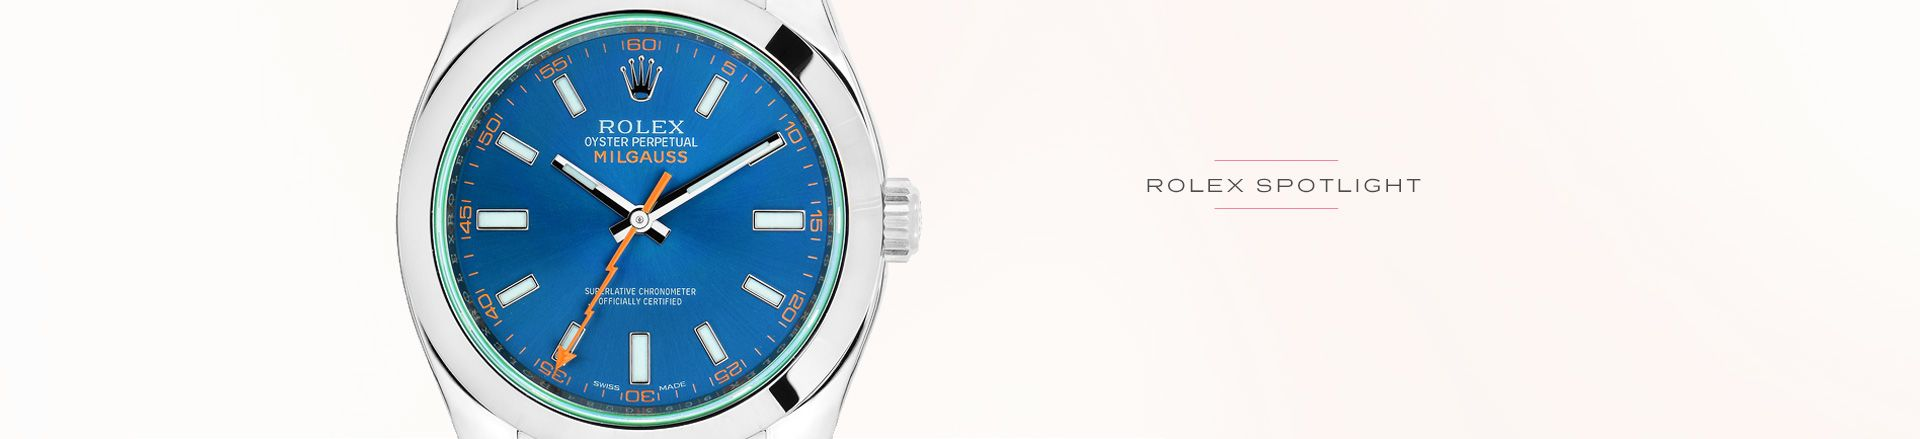 Rolex Spotlight